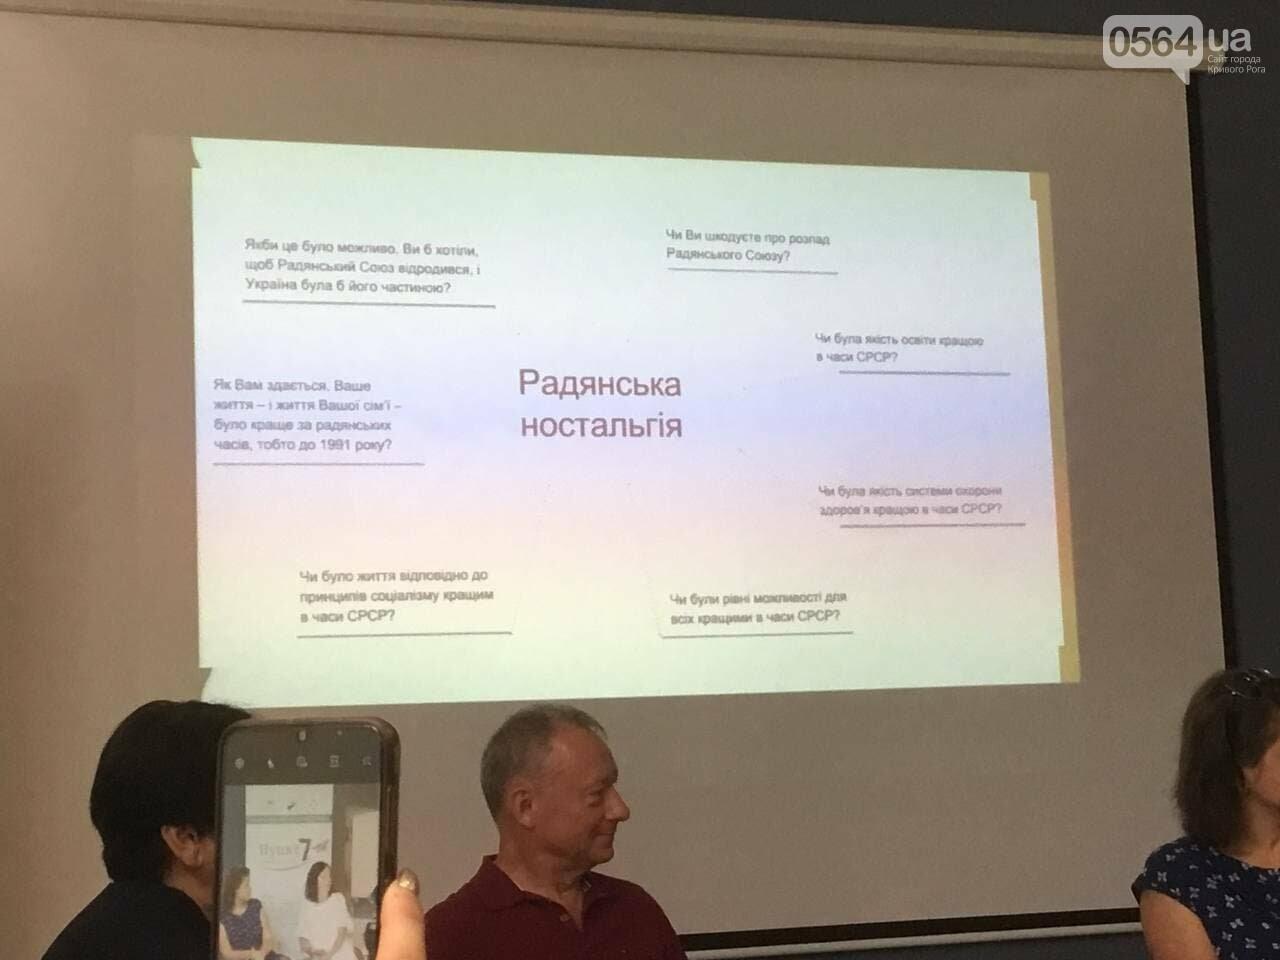 Правовой Weekend в Кривом Роге: правозащитники обсудили проблемы социальной сплочённости, - ФОТО, ВИДЕО, фото-8